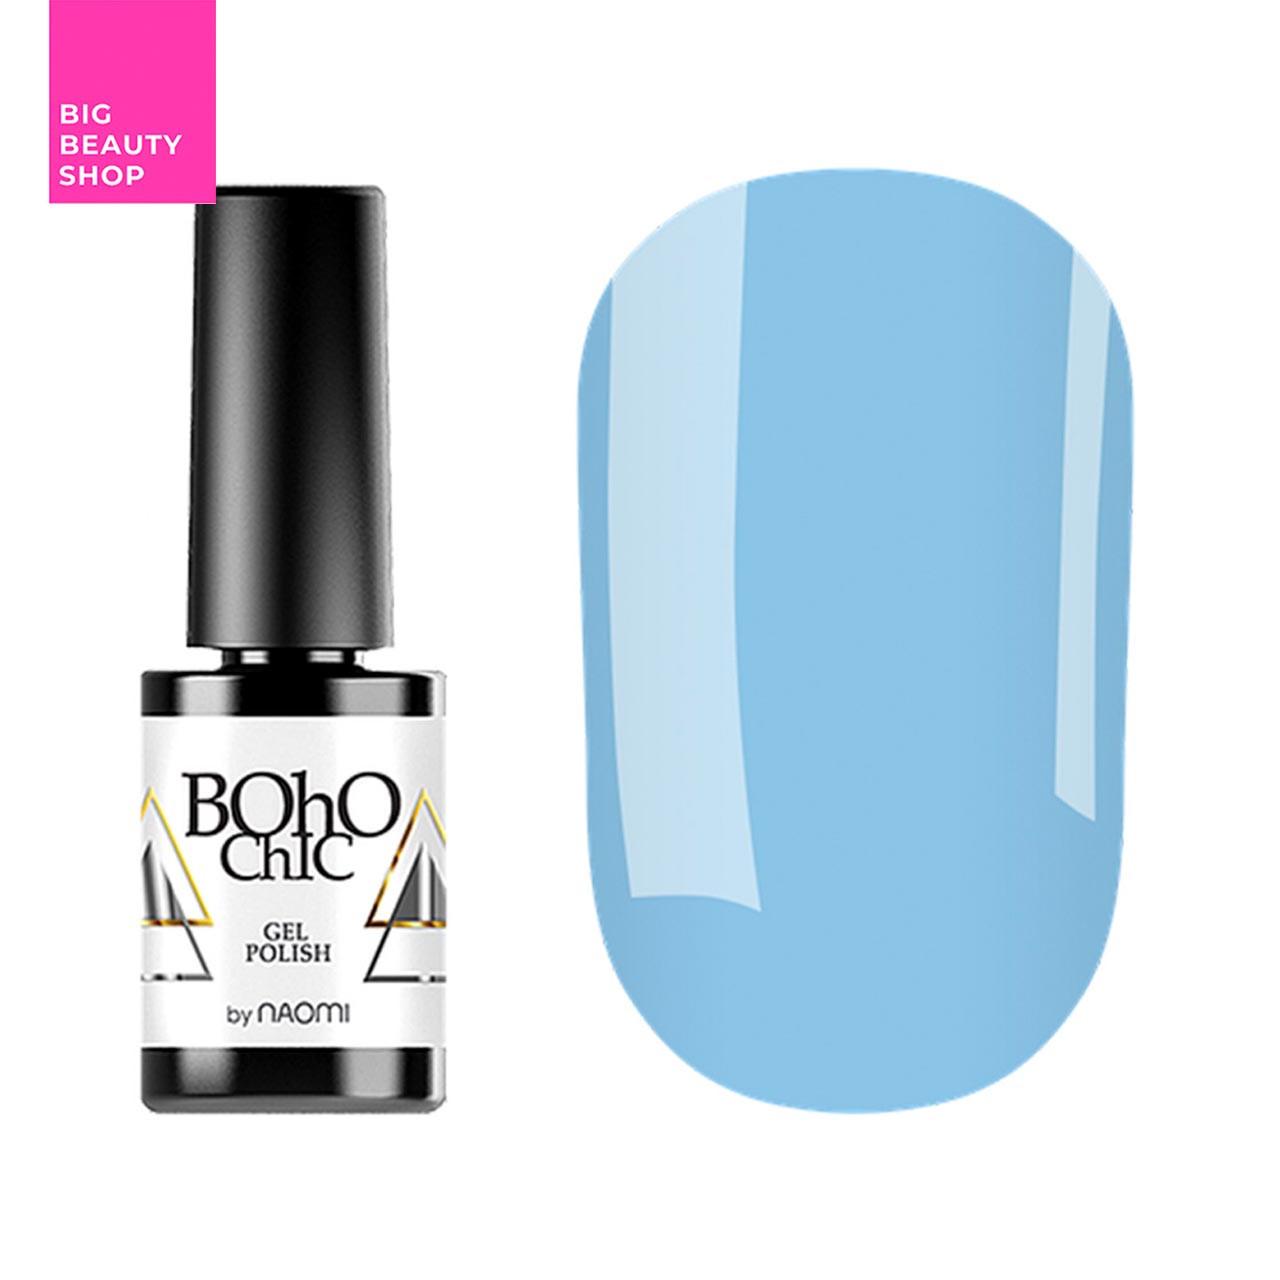 Гель-лак для ногтей Naomi Boho Chic №BC005 Плотный голубой (эмаль) 6 мл